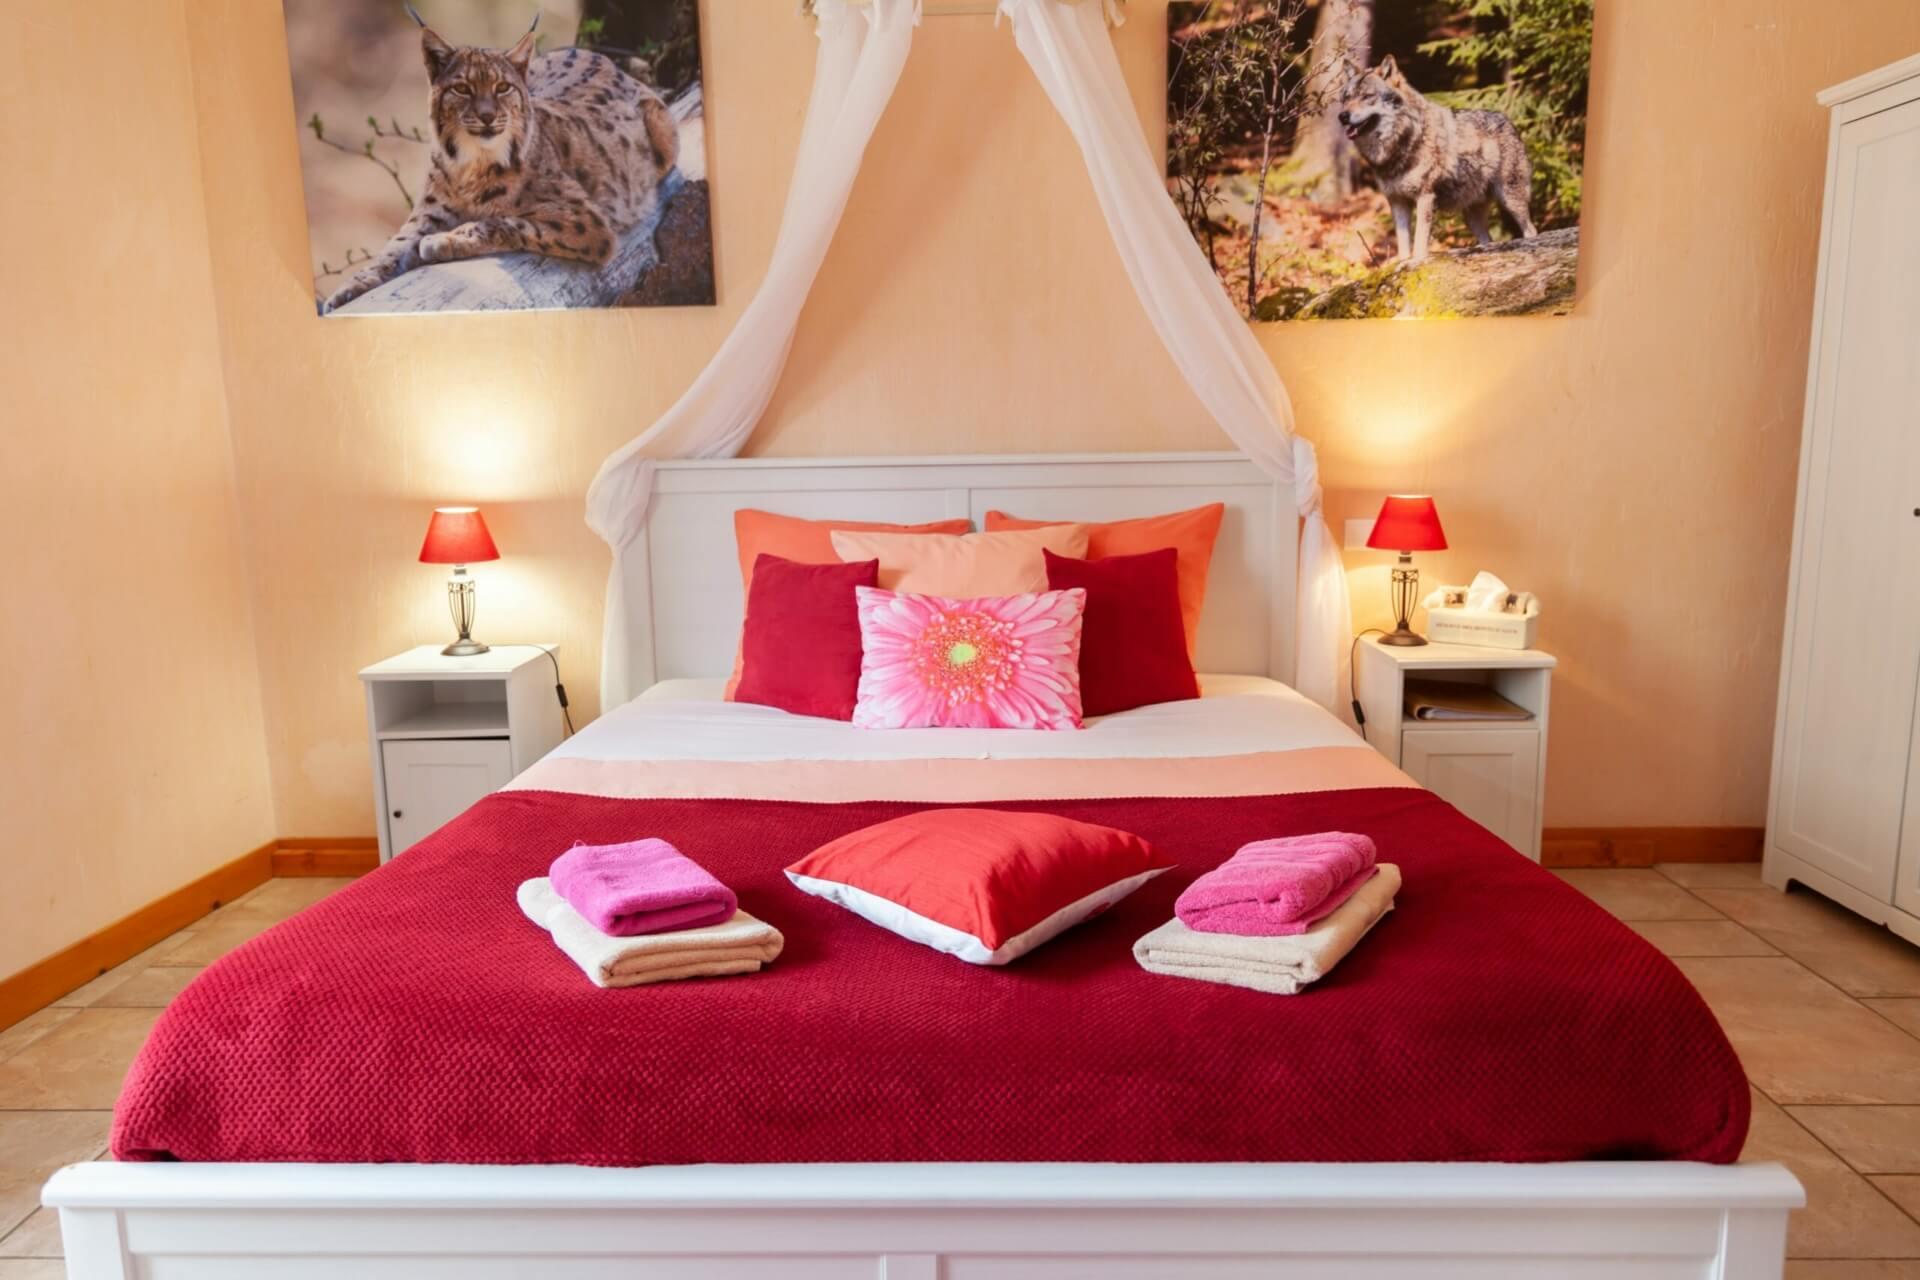 Chambre familiale, lit 160x 200 et un lit simple, une salle de bain moderne